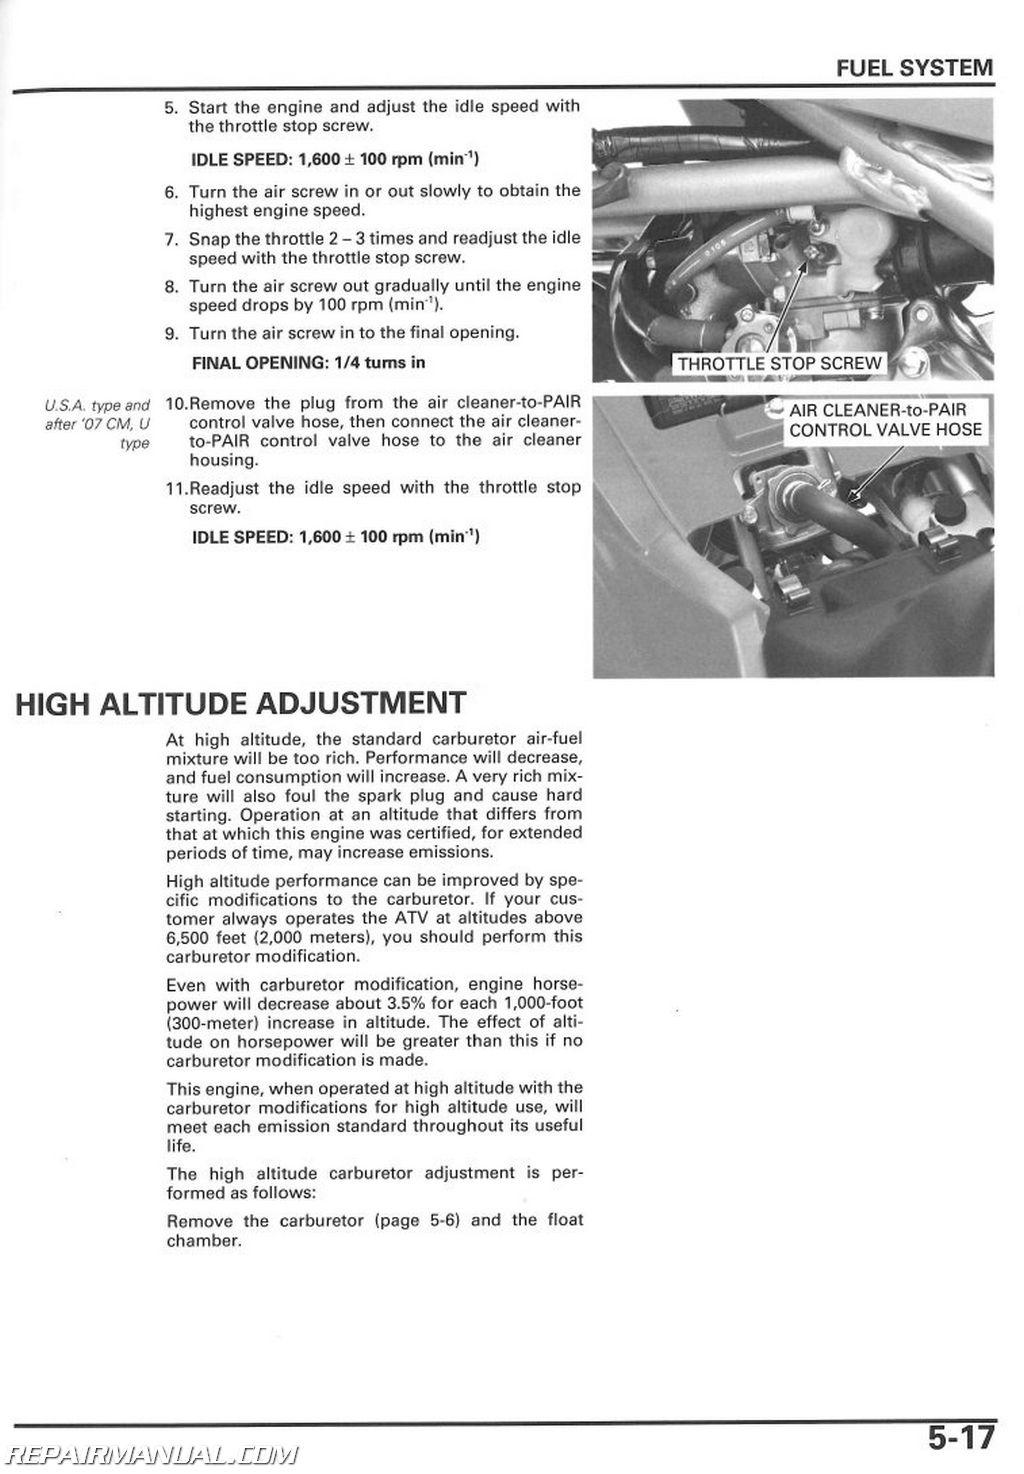 2006 honda crf50 service manual